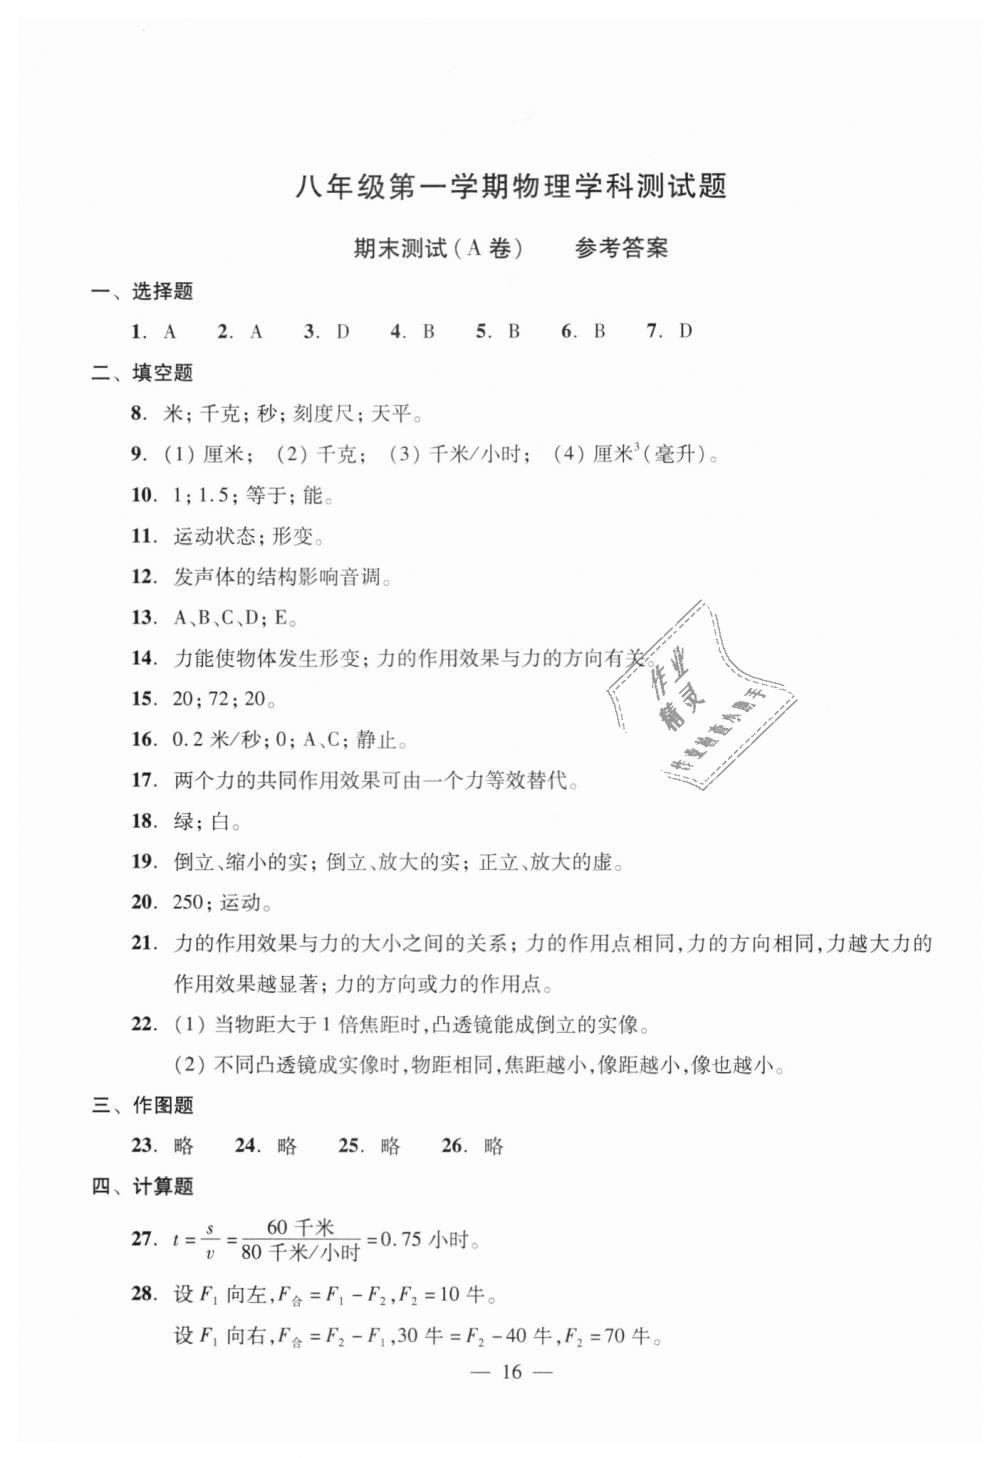 2018年初中物理双基过关堂堂练八年级全一册沪教版第60页